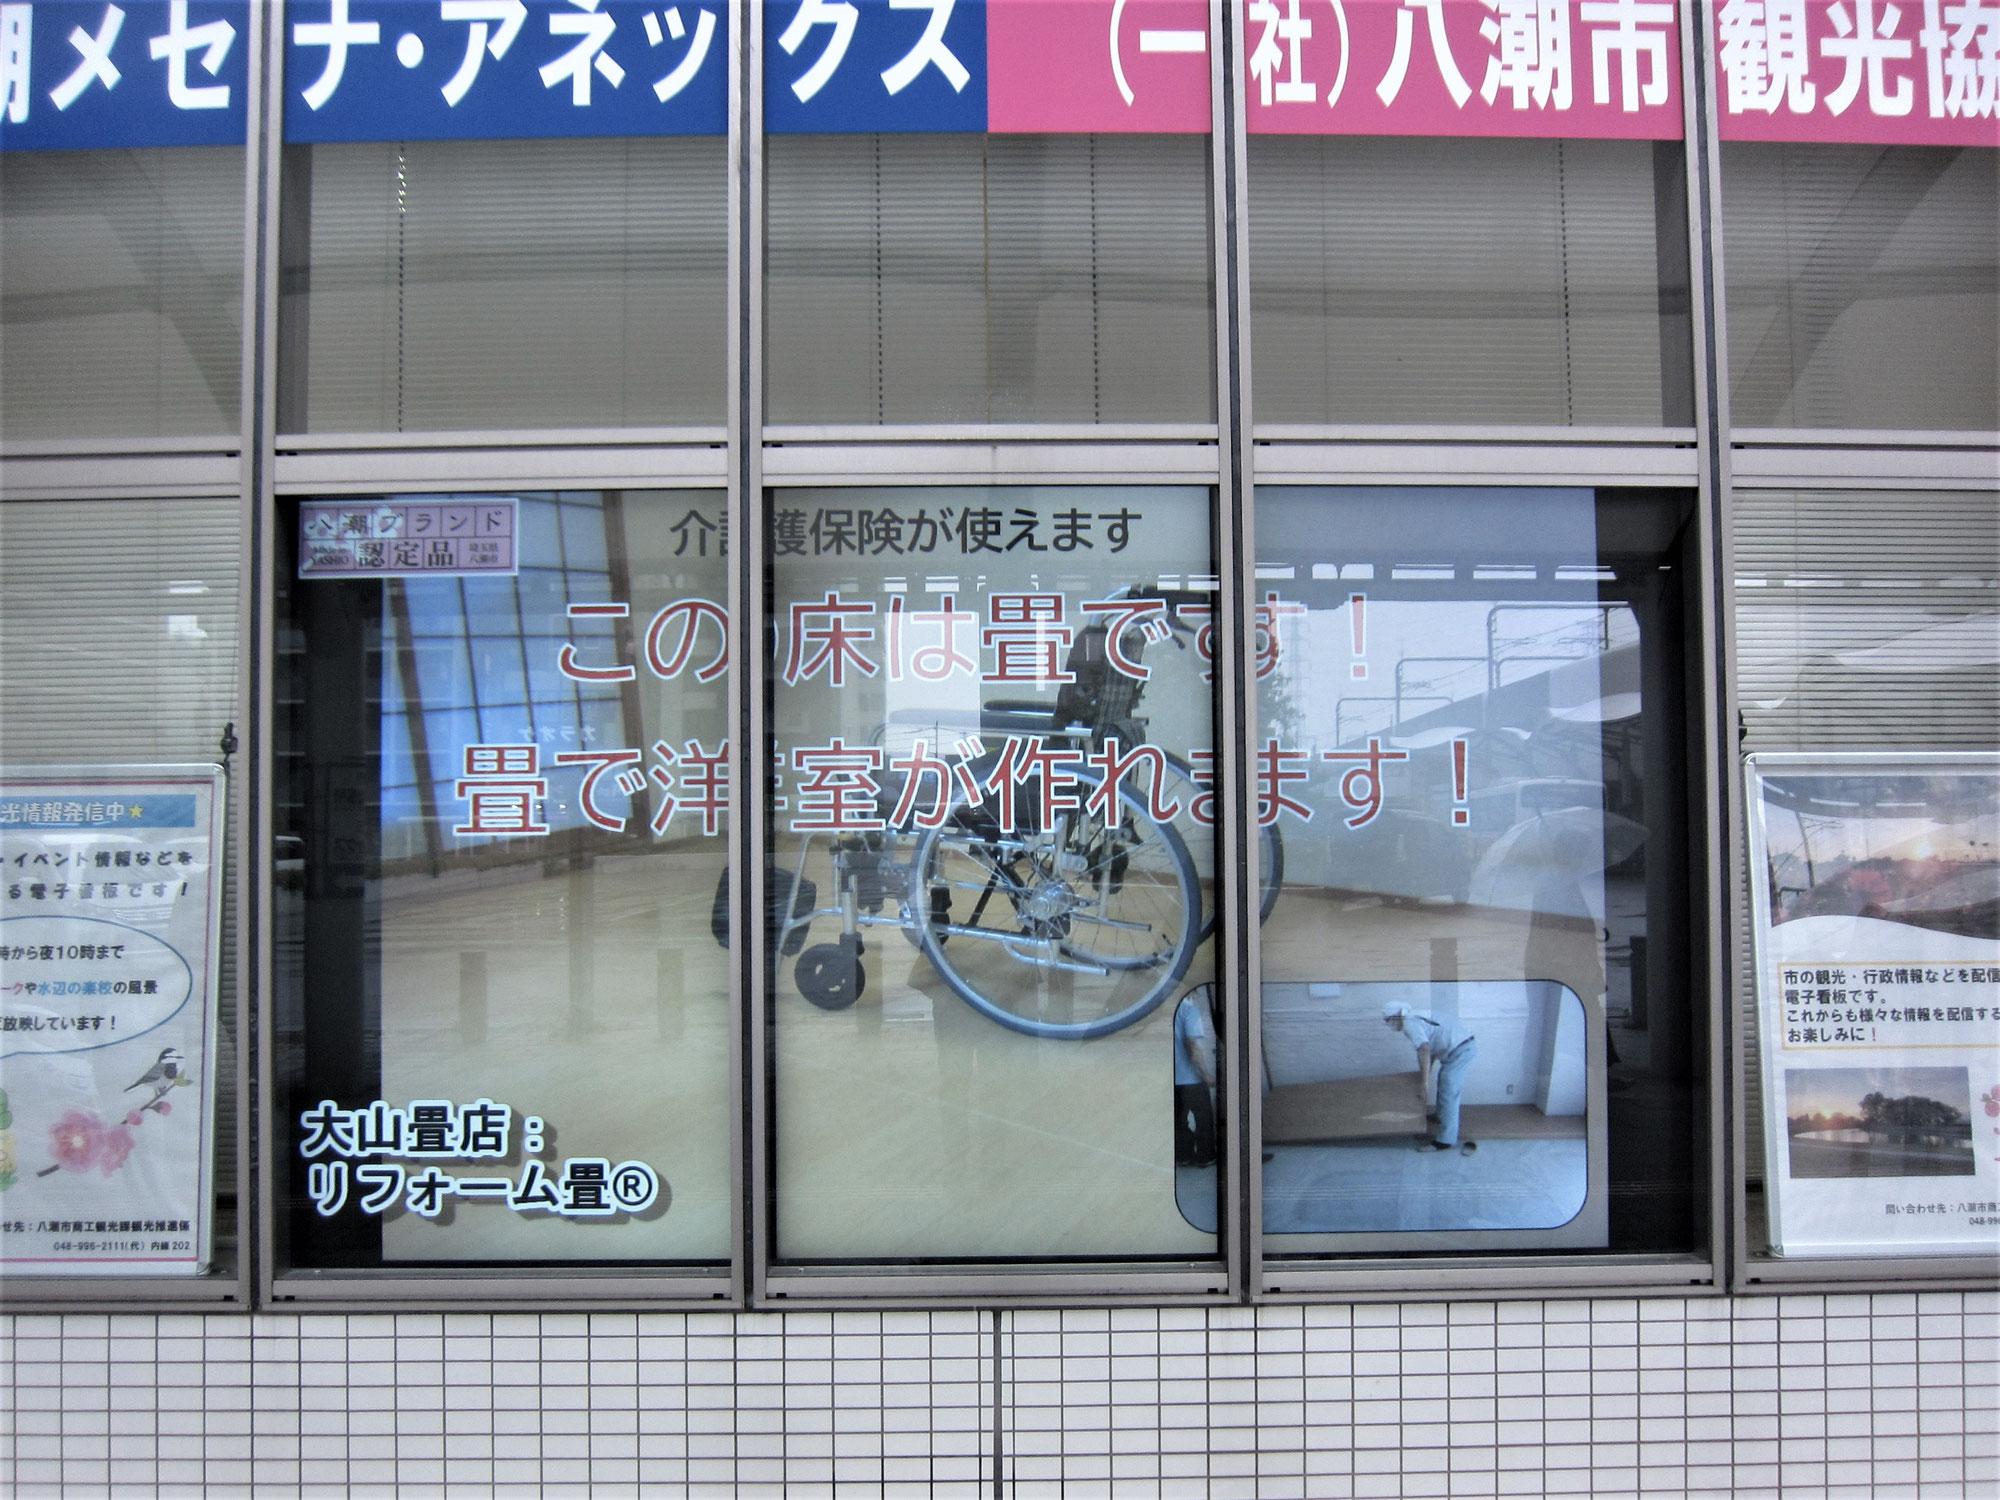 快適な生活は床から!八潮駅前アネックスの大型テレビに「リフォーム畳®」が八潮ブランド品として放映されています